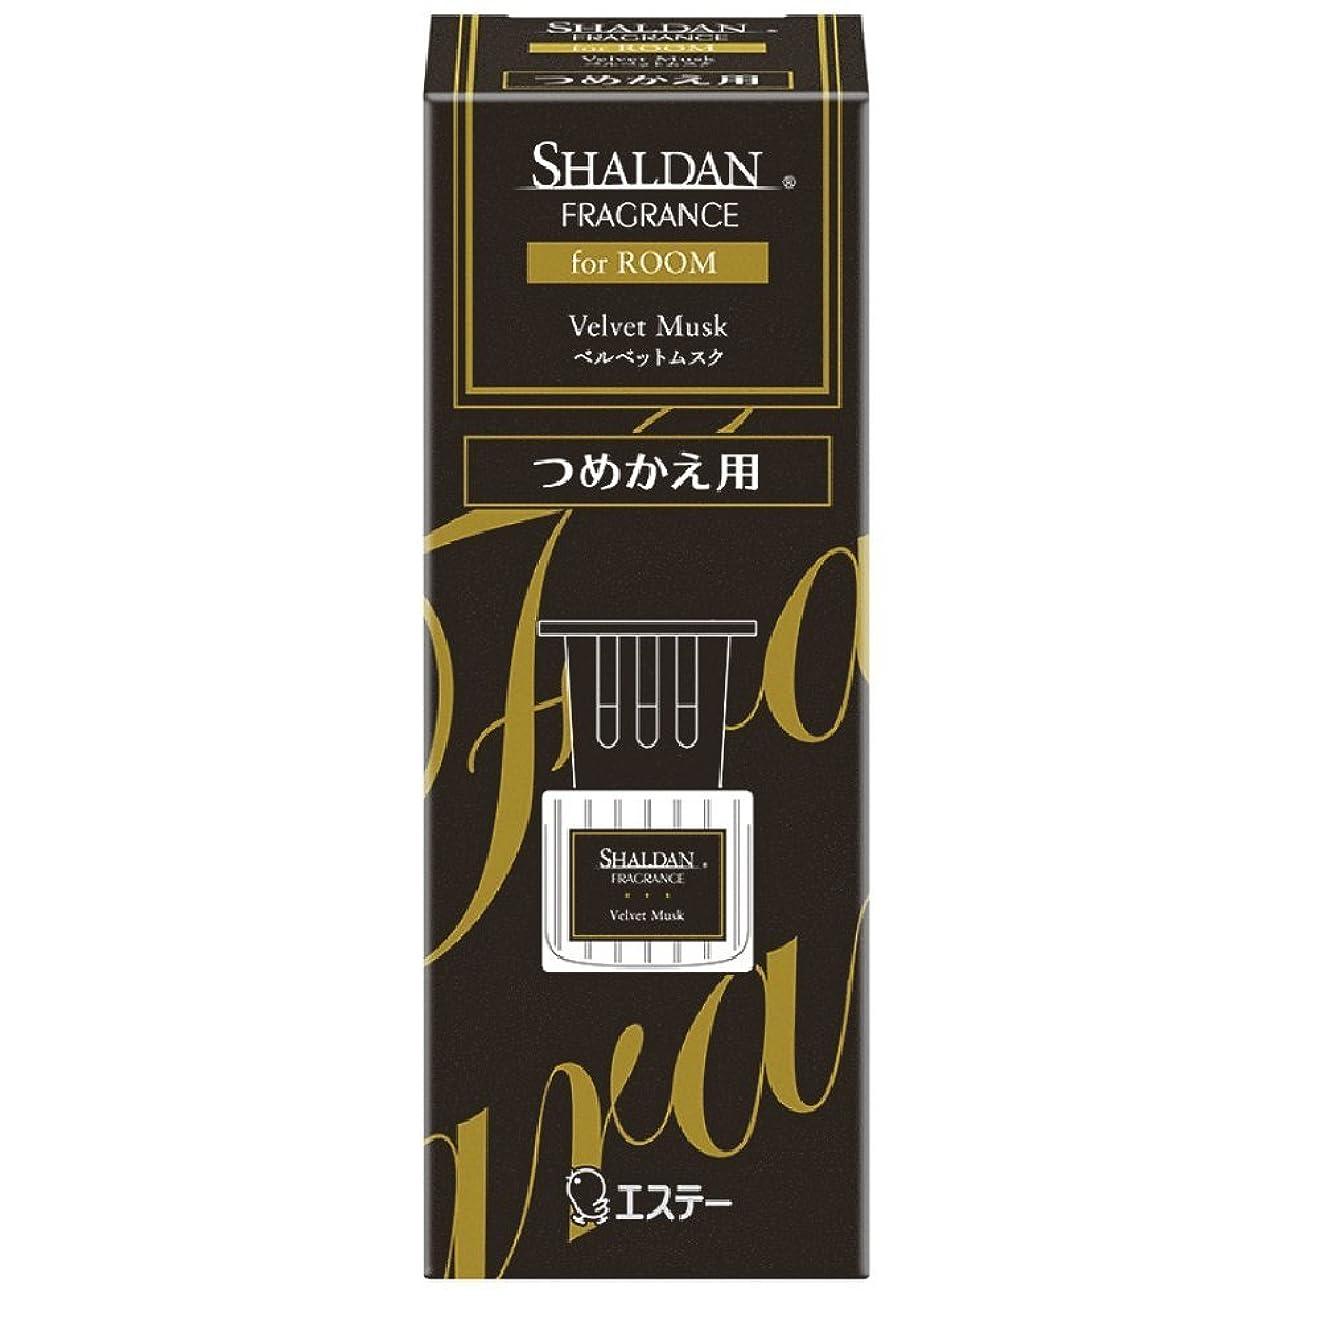 慣習変えるスクラッチシャルダン SHALDAN フレグランス for ROOM 芳香剤 部屋用 部屋 つめかえ ベルベットムスク 65ml